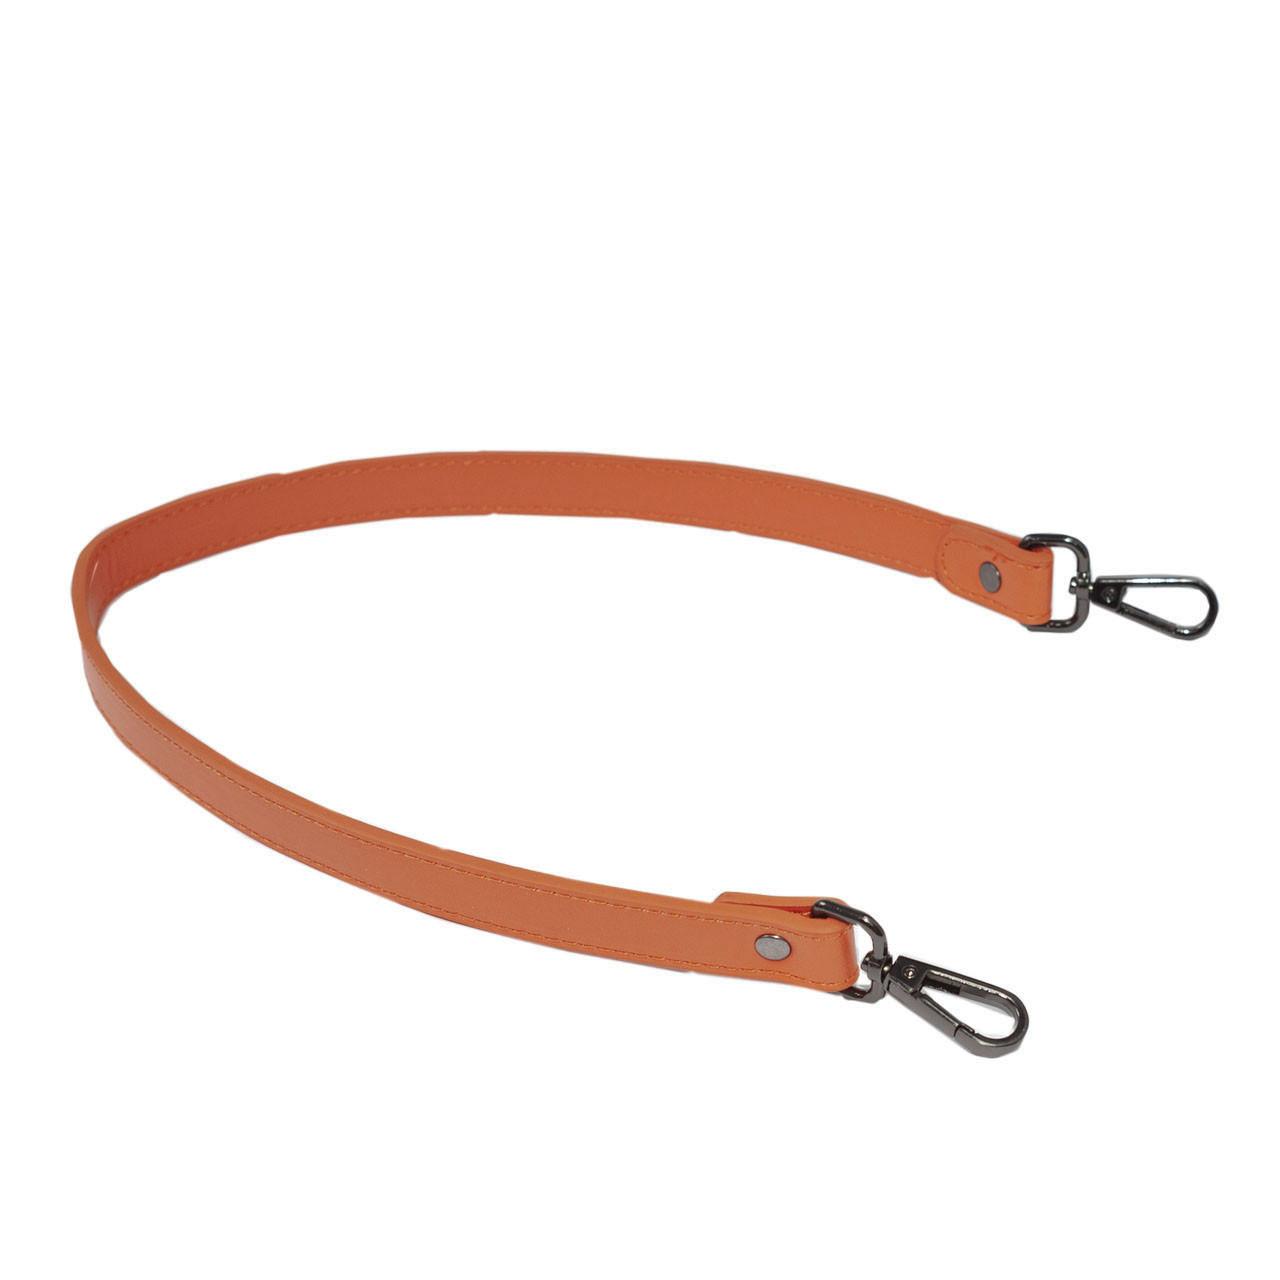 Ручка для сумки экокожа Оранж 63 см на поворотных карабинах